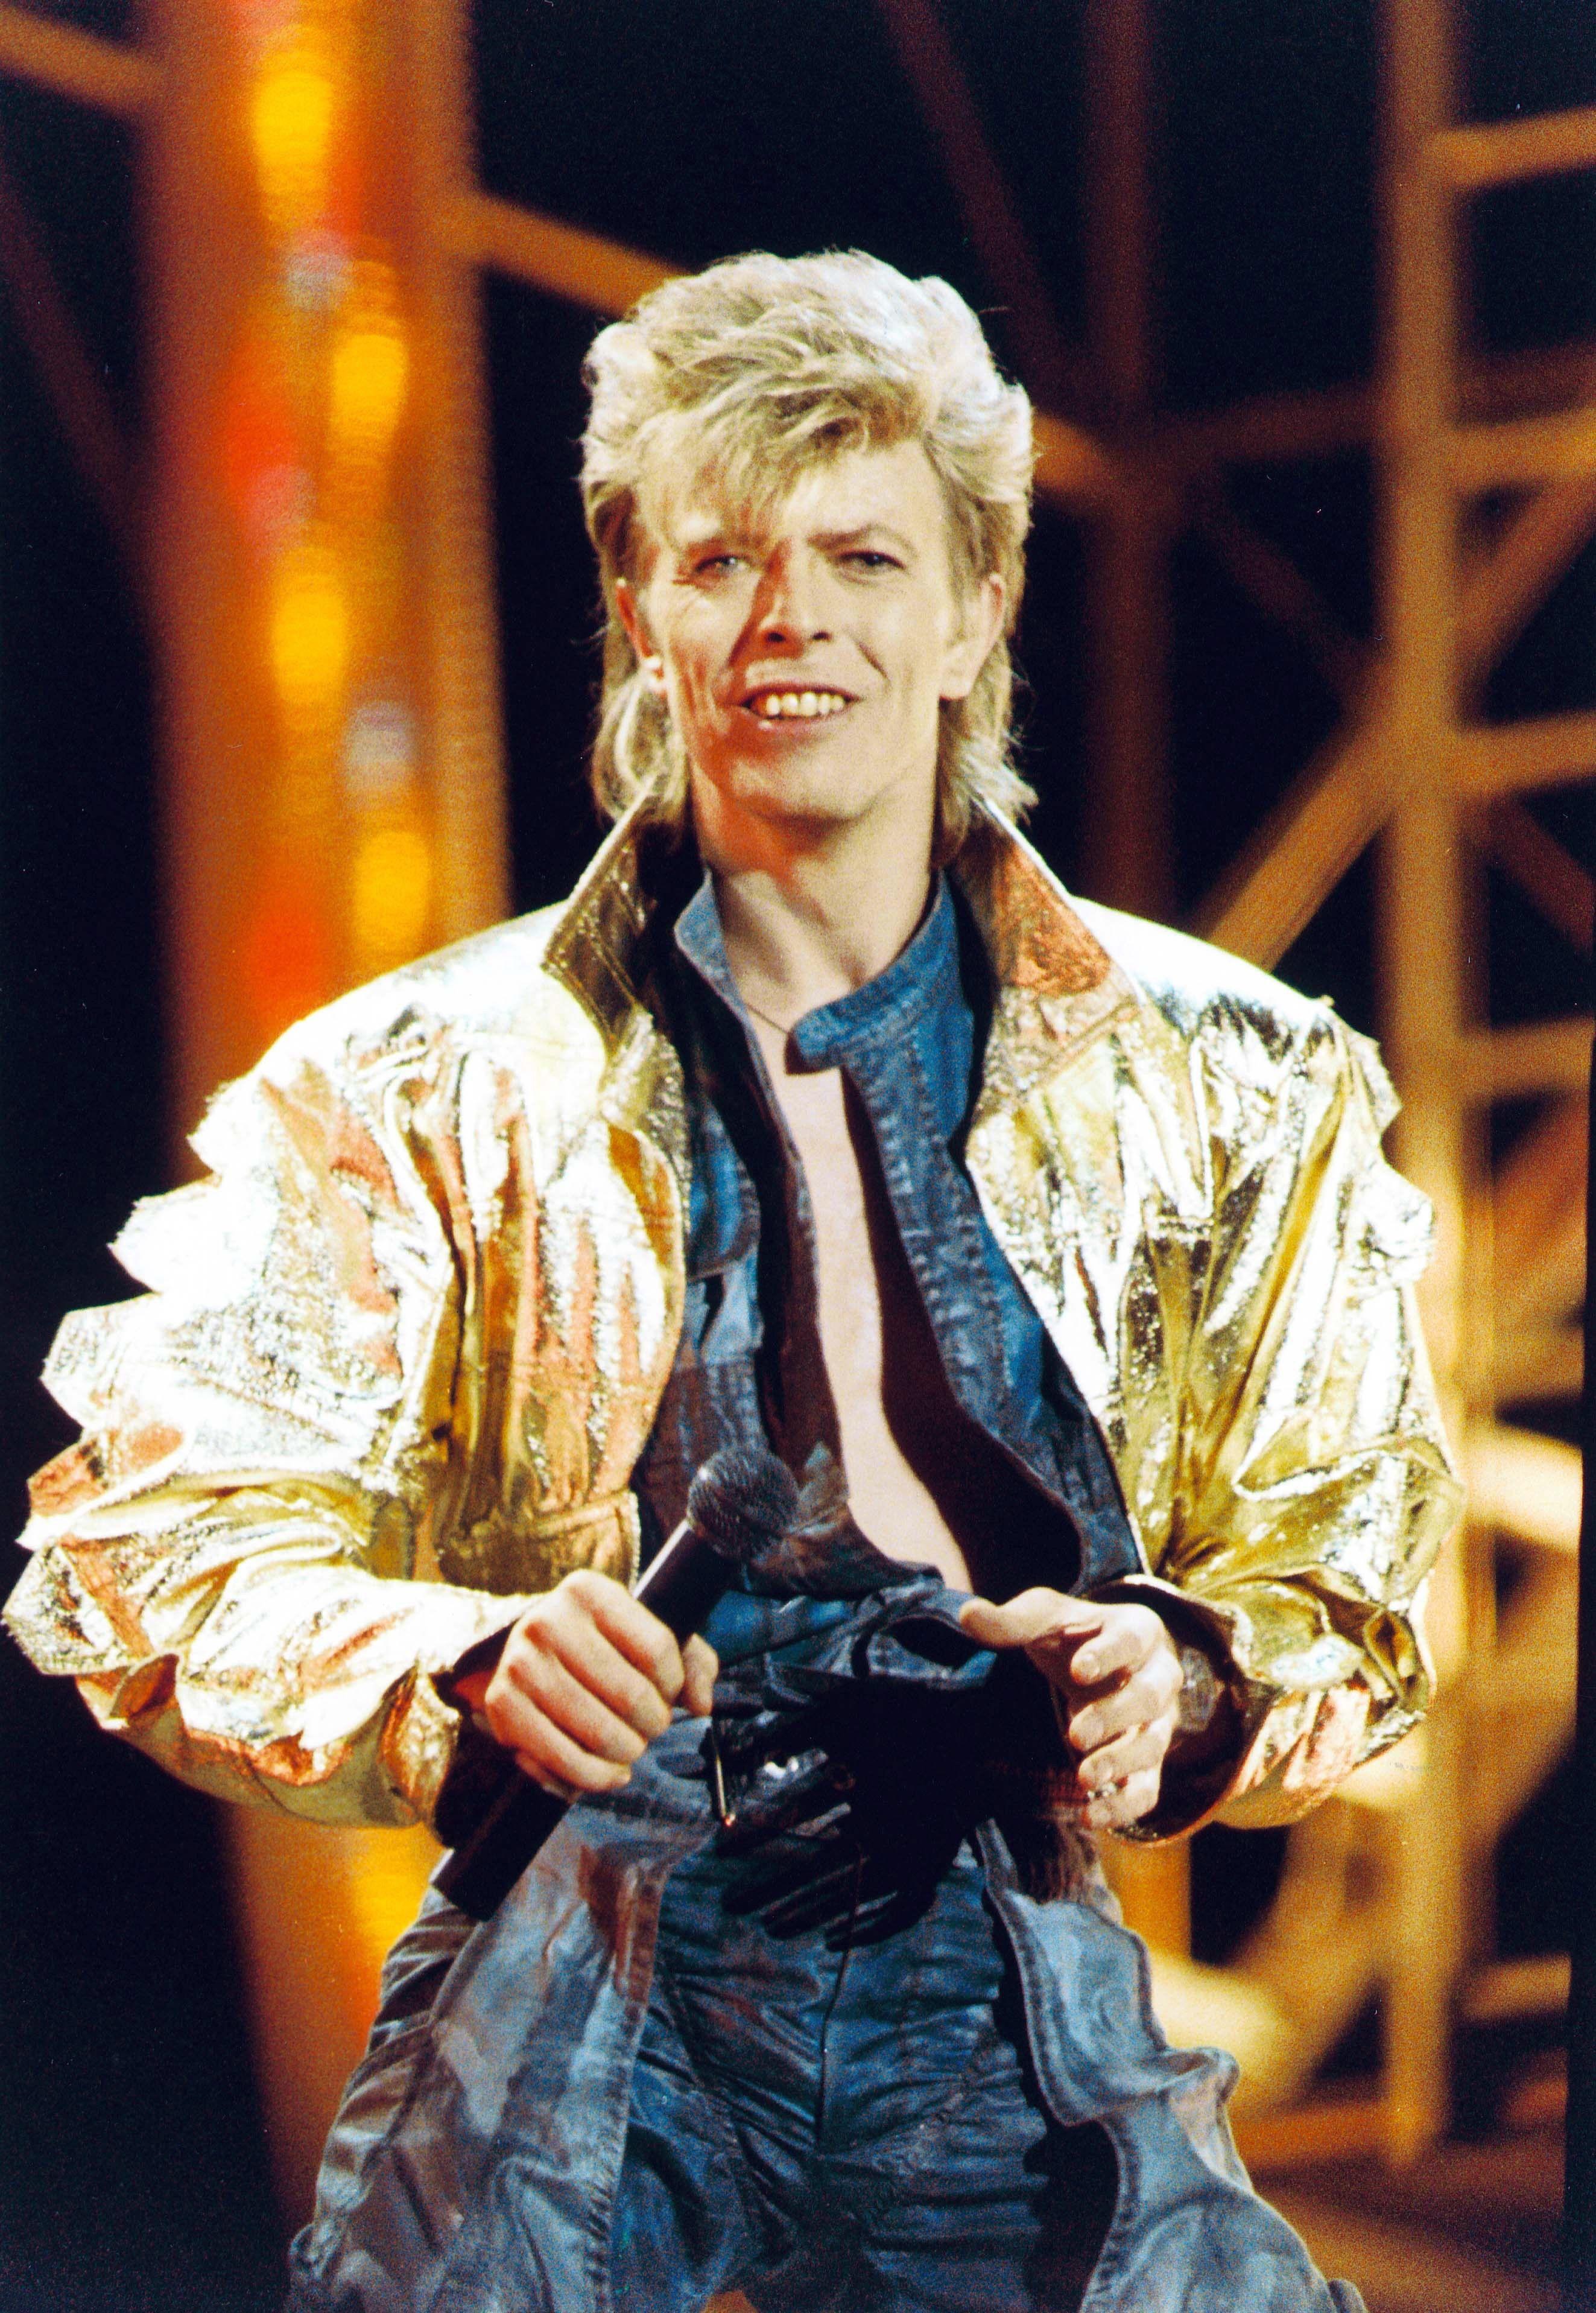 David Bowie Glass Spider Tour 1987